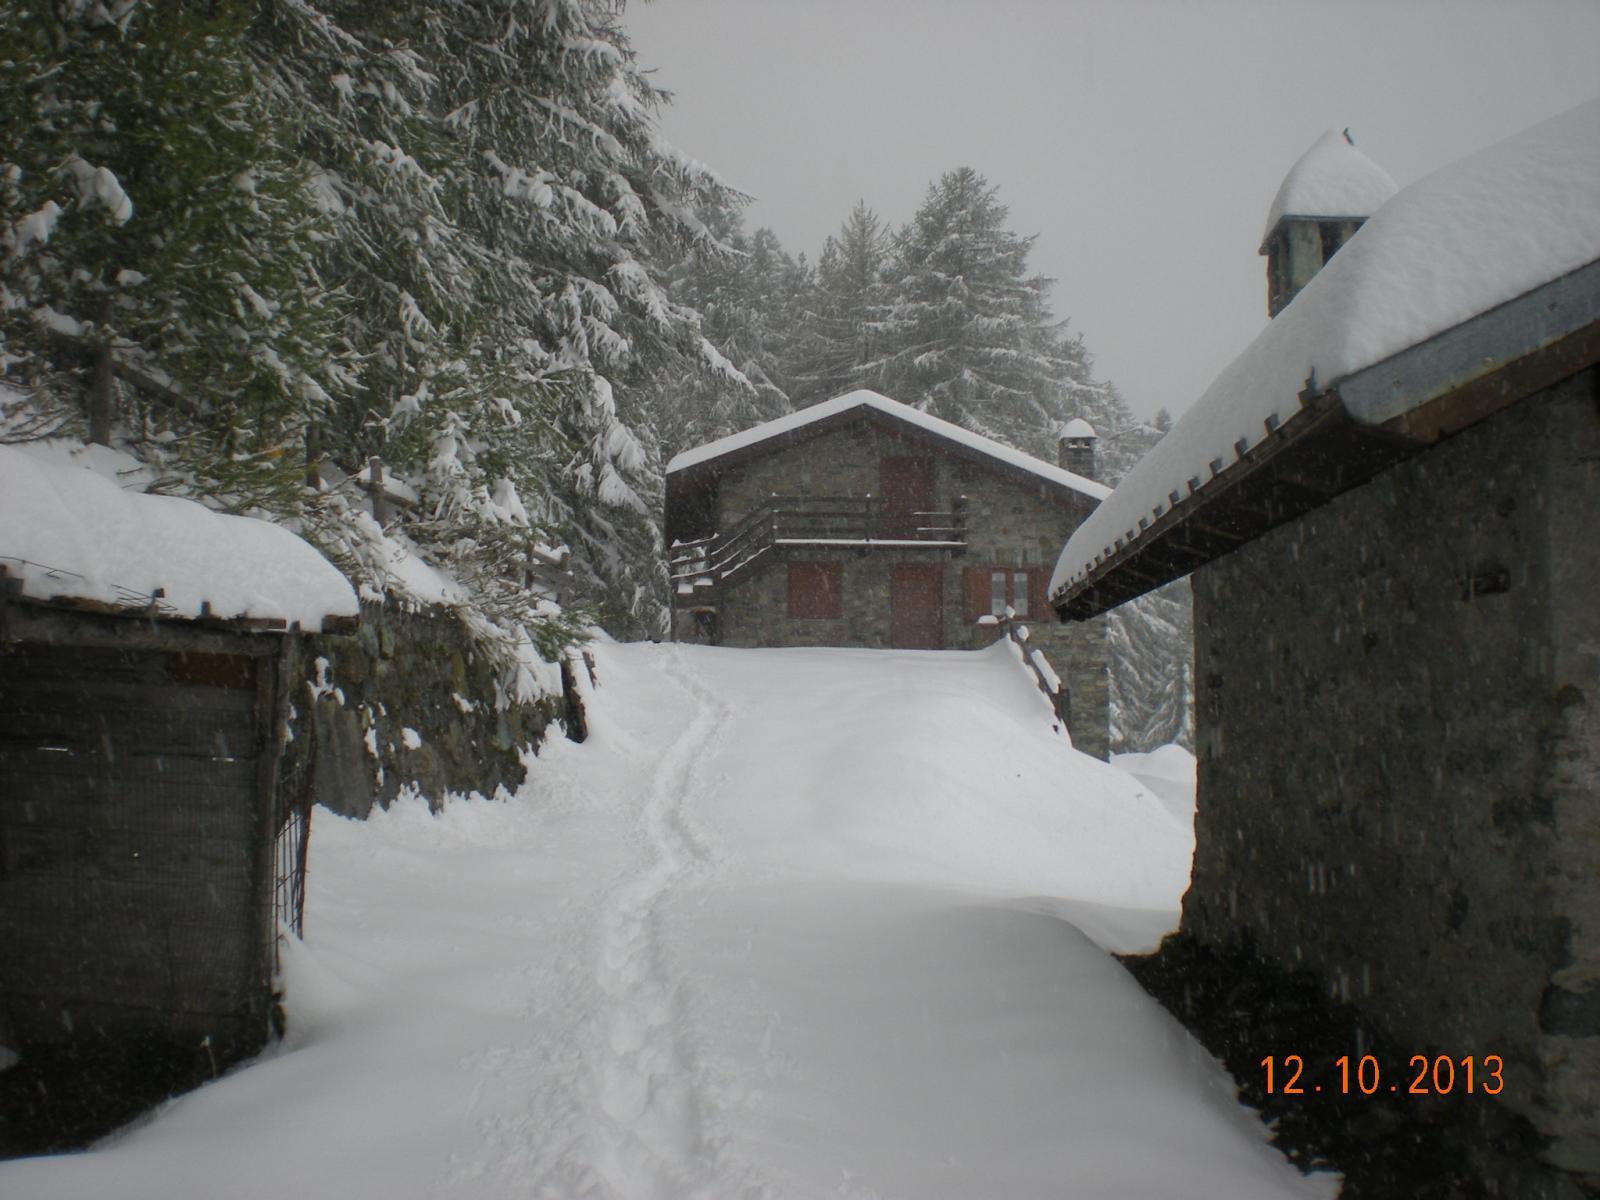 a Valmeriana la neve comincia ad essere abbondante ed il temp cambia...